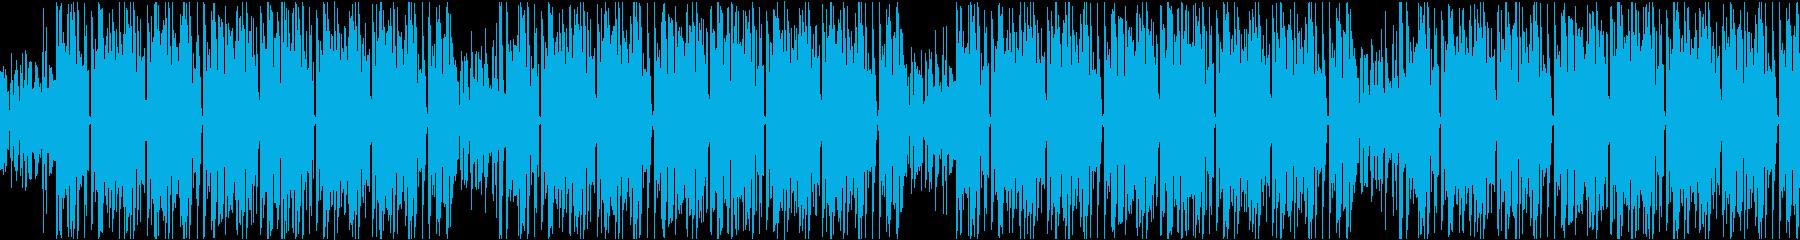 暗めでクールなHIPHOP系ループの再生済みの波形